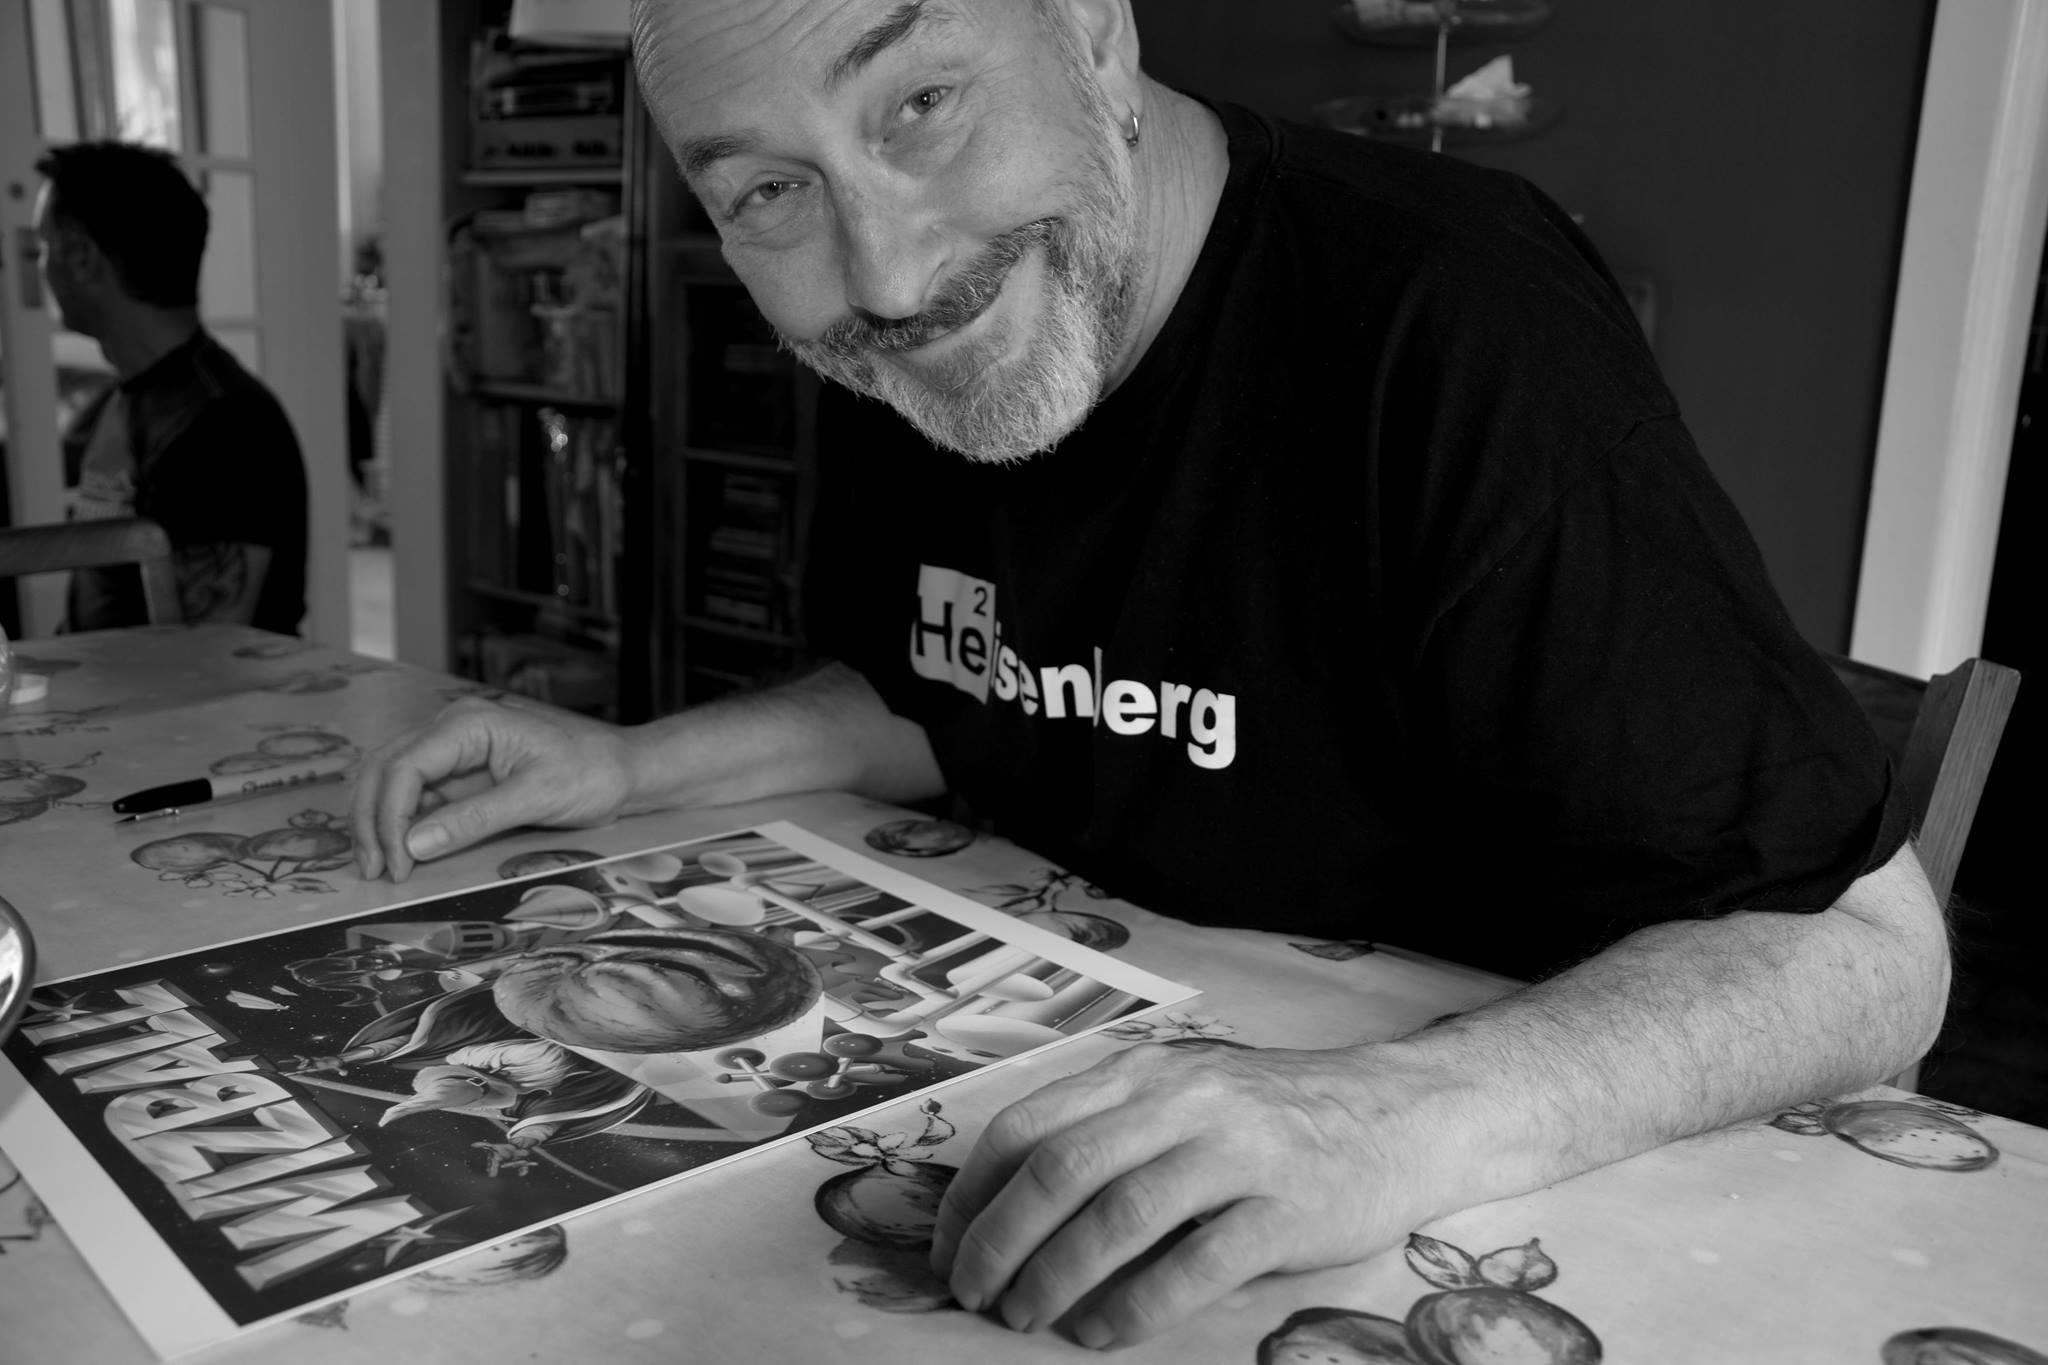 Hoy hemos amanecido con la triste noticia del fallecimiento de #BobWakelin, el grandísimo artista que firmó la mayoría de portadas de #Ocean. Te recordaremos eternamente. Descanse en paz, maestro. https://t.co/cYXPVKkKRk